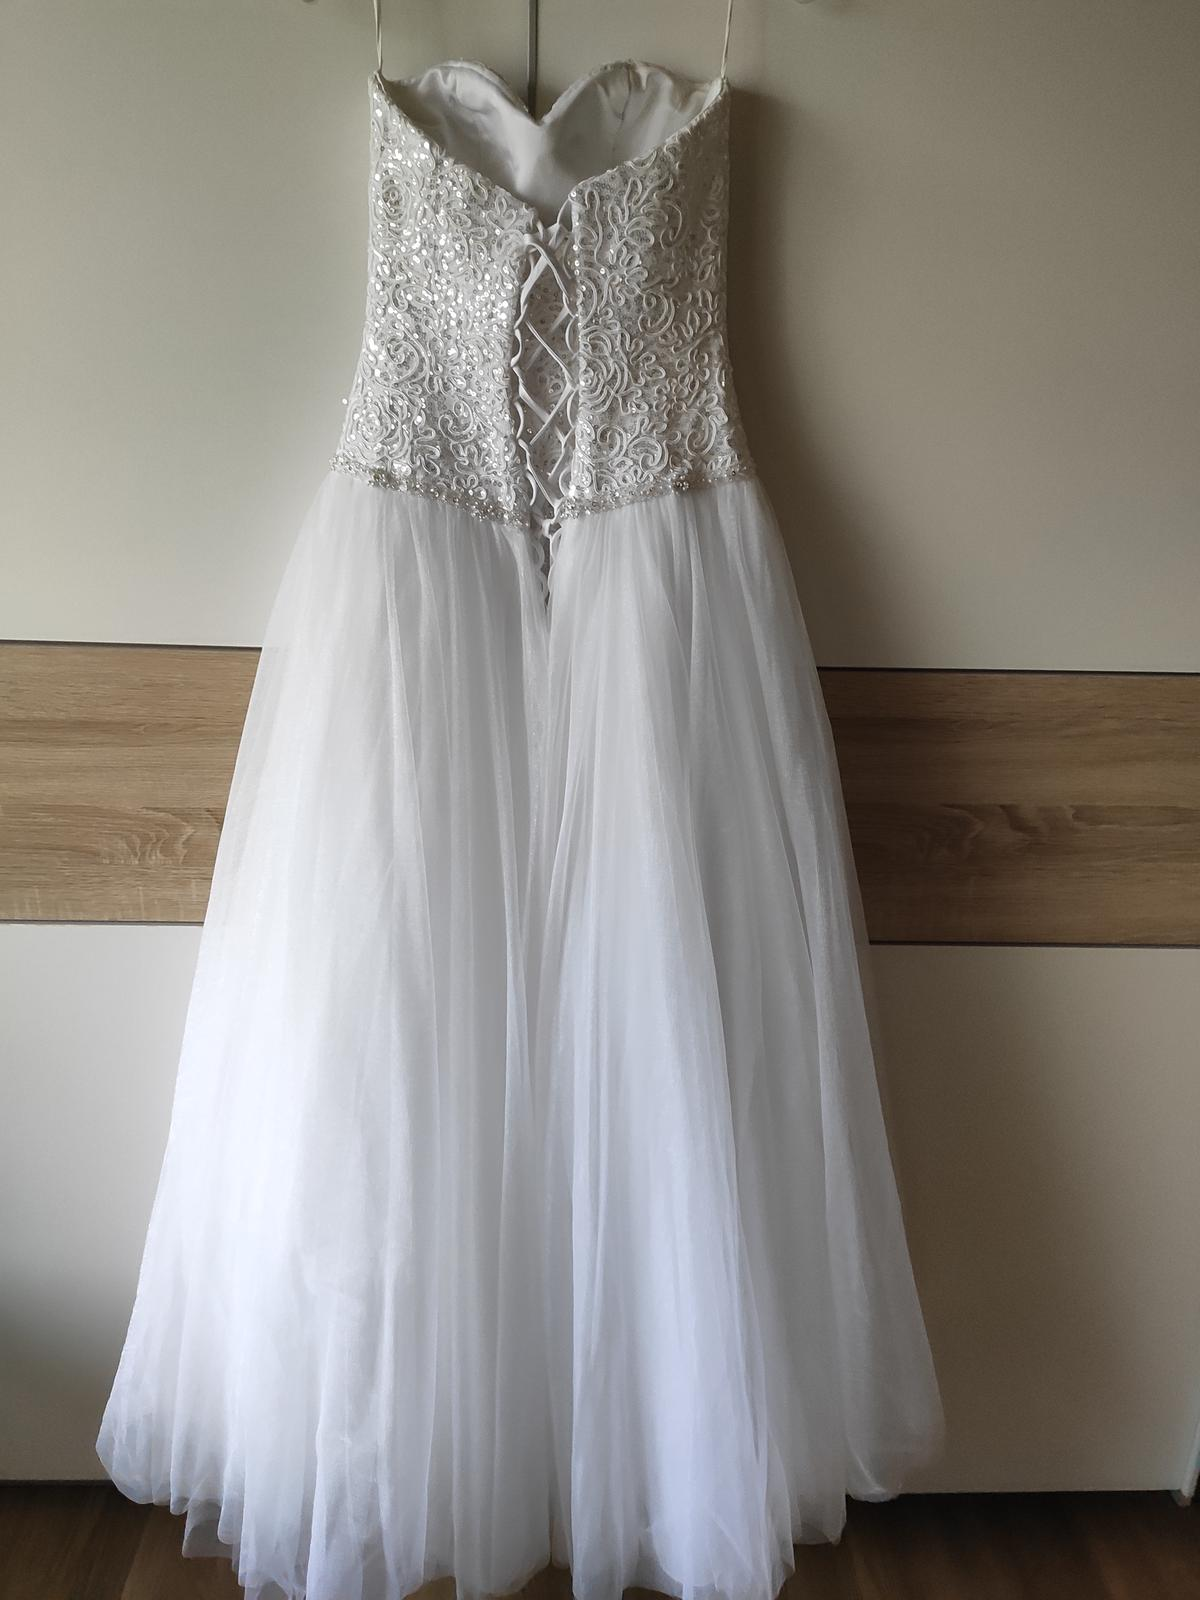 Svatební šaty salon Madora - nepoužité - Obrázek č. 1